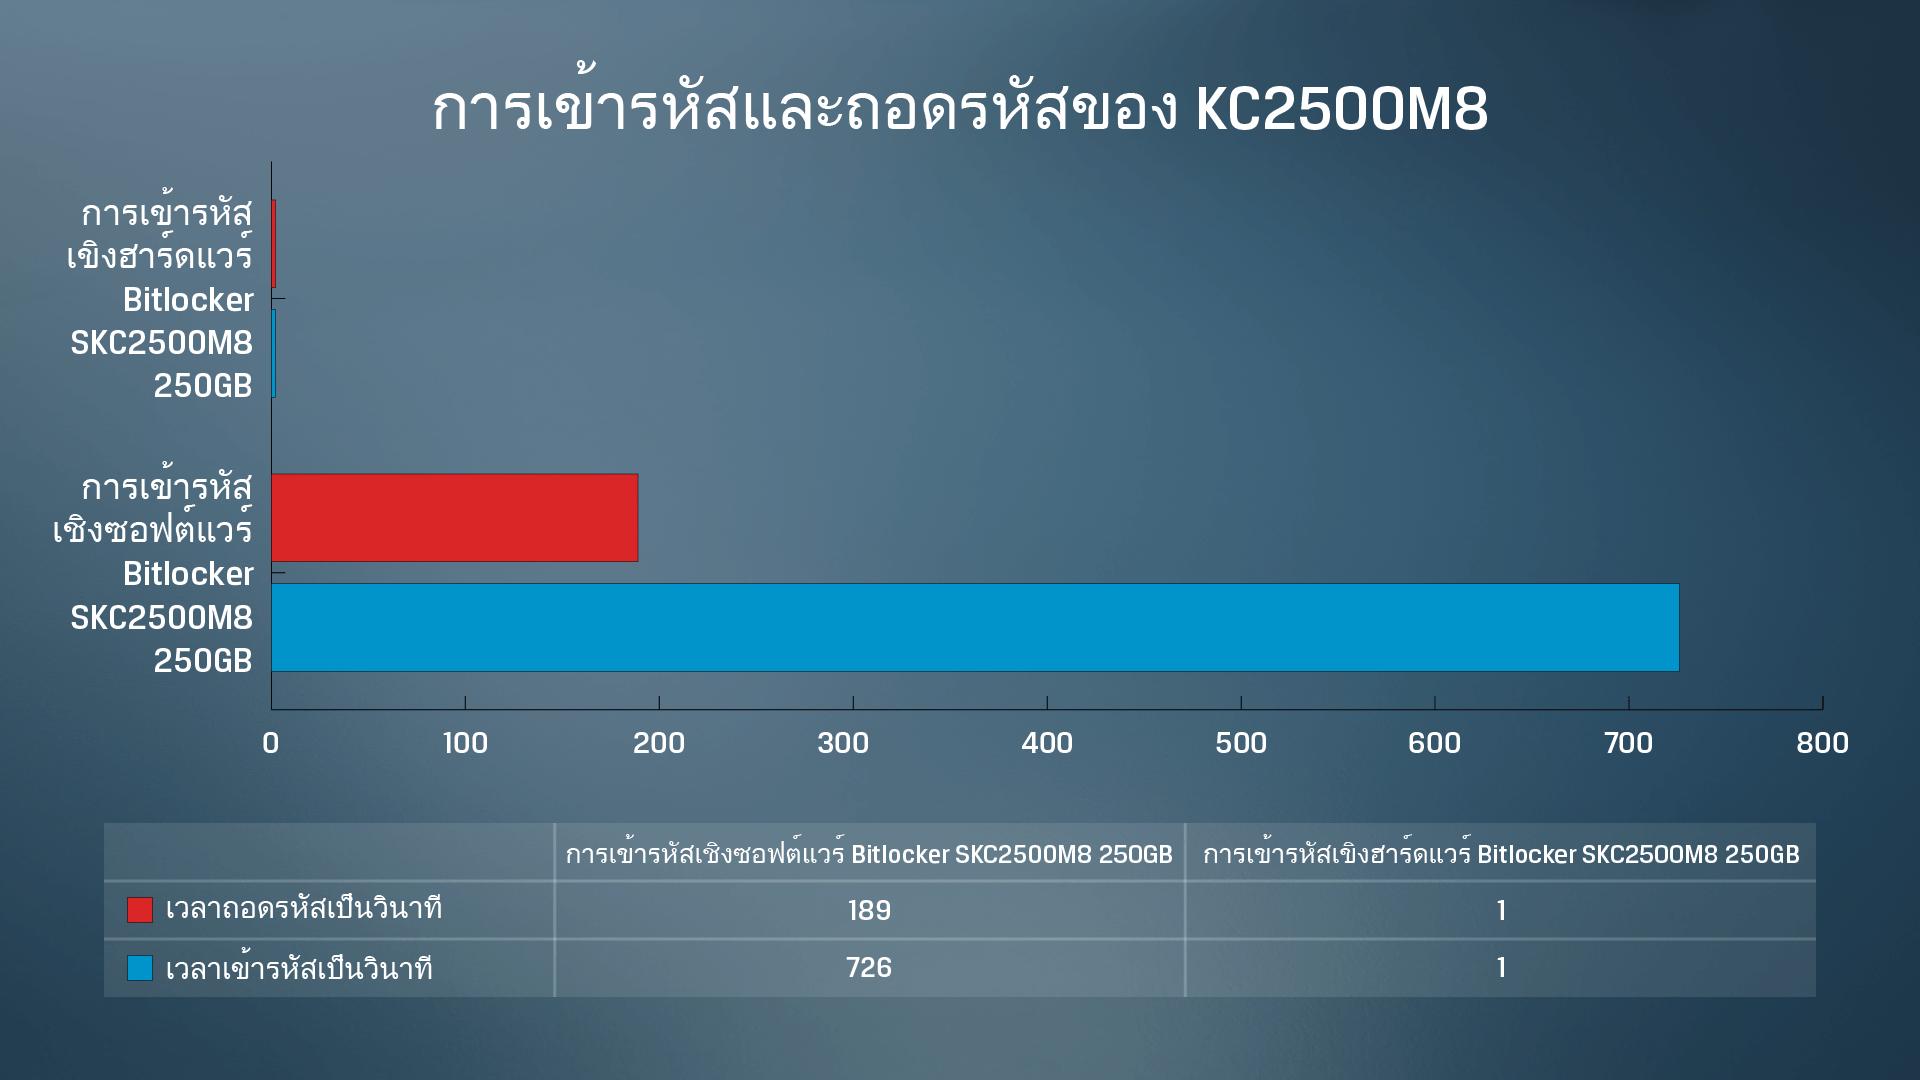 ผลการทดสอบการเข้ารหัสและถอดรหัสข้อมูลเชิงซอฟต์แวร์และฮาร์ดแวร์ของ SSD KC2500 จาก Kingston